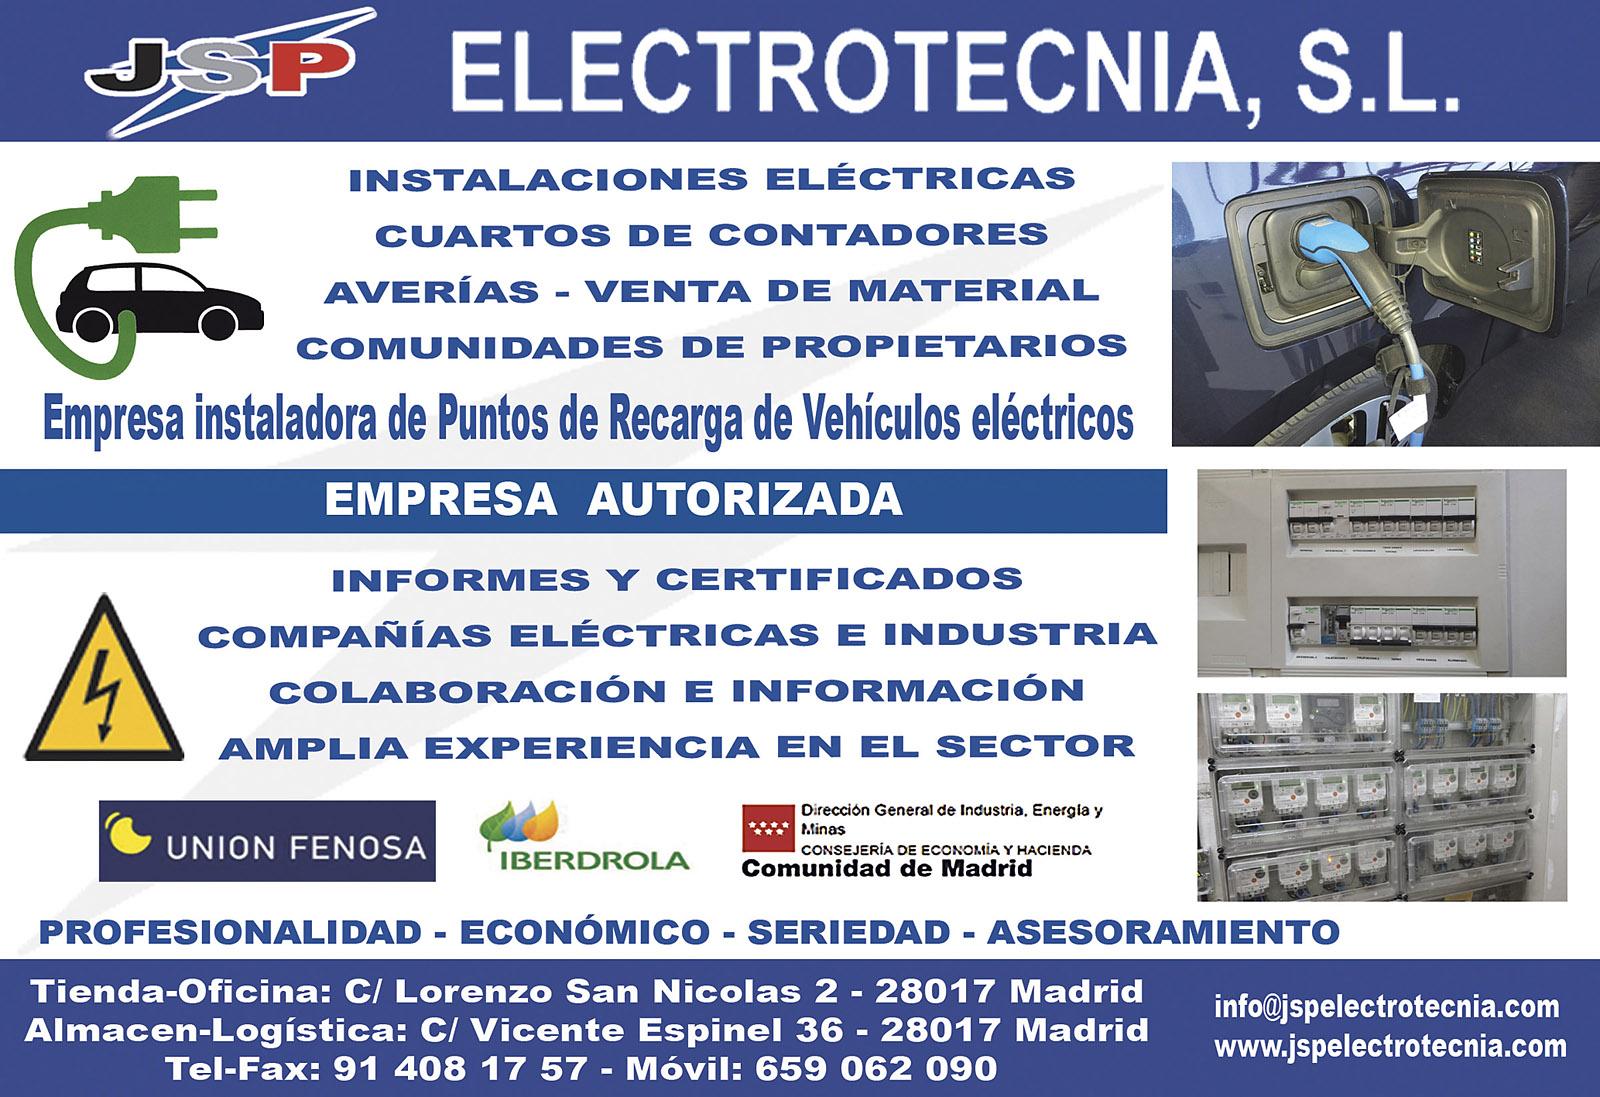 JSP Electrotecnia